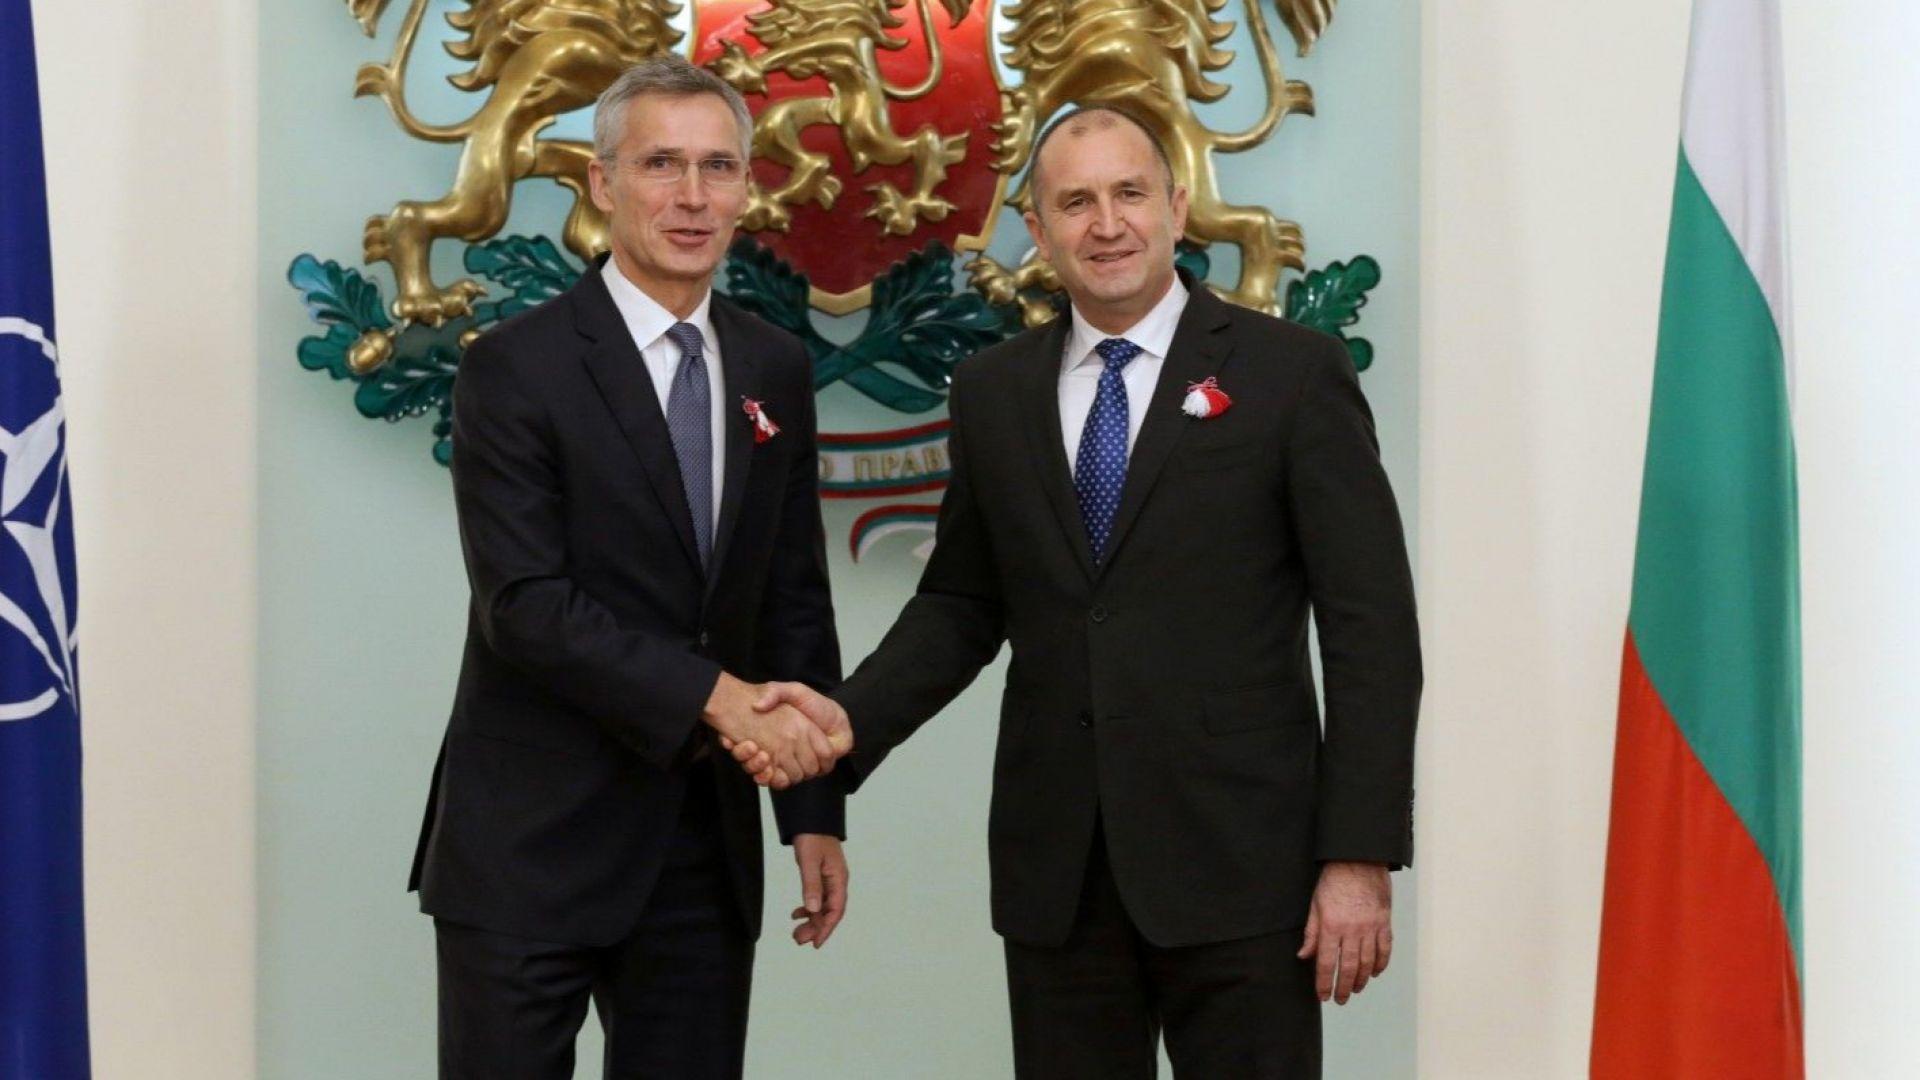 Президентът потвърди вдигането на разходите за отбрана, а Столтенберг приветства плана